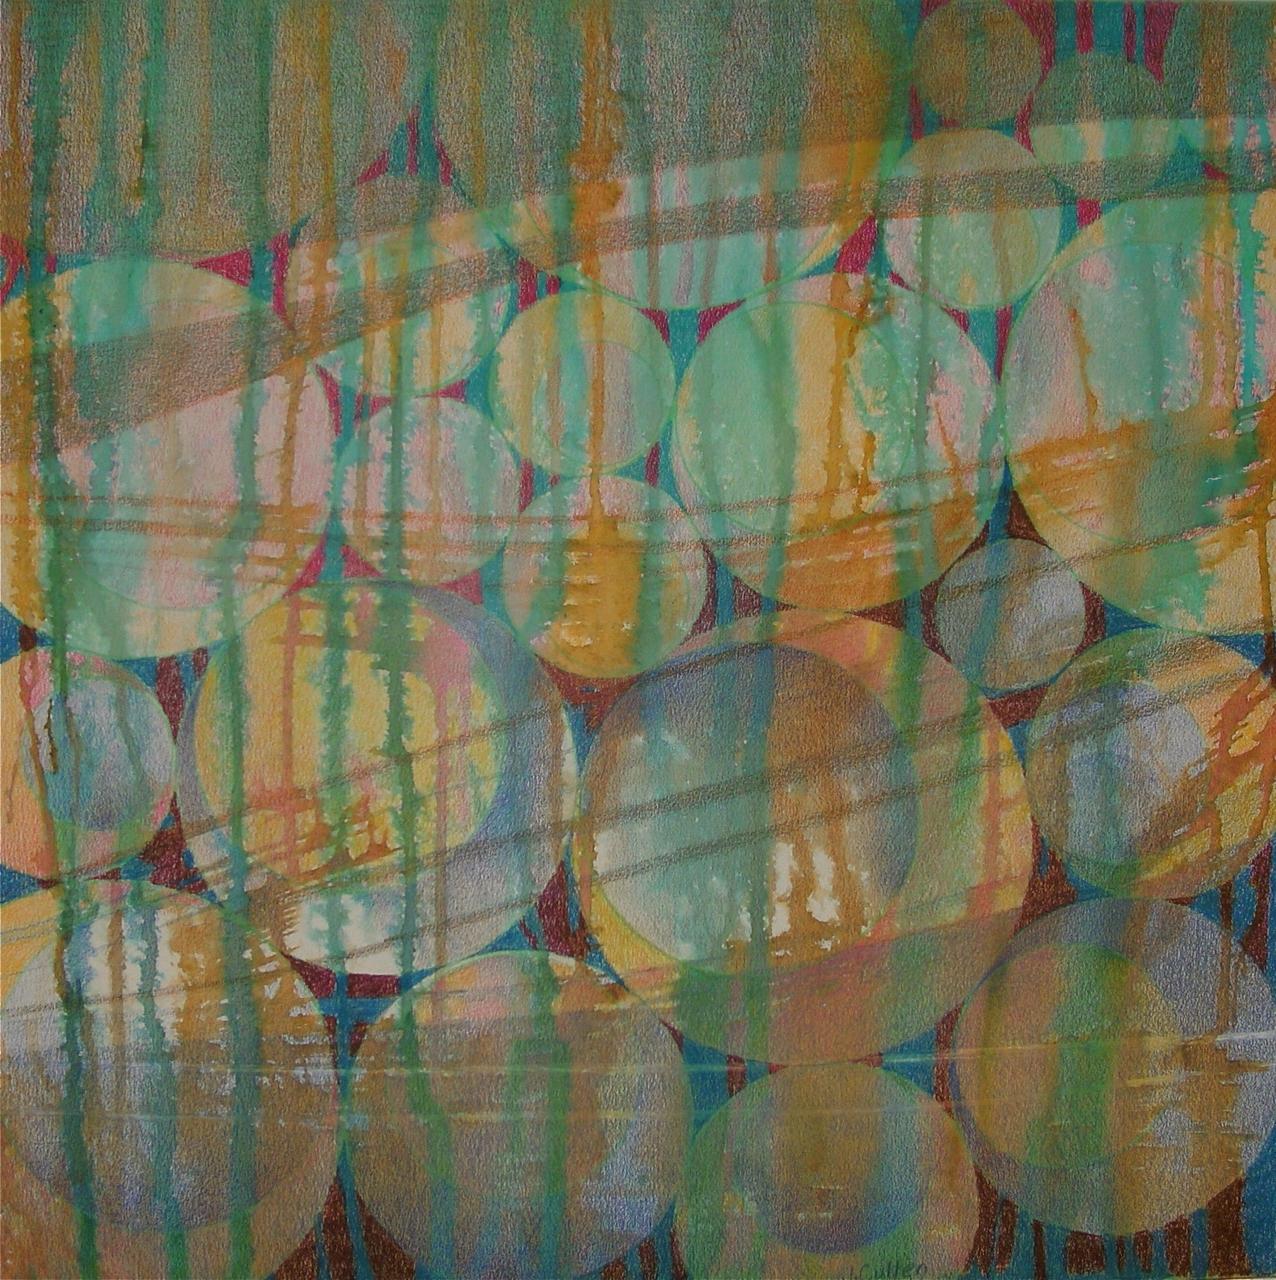 Random Spheres 11